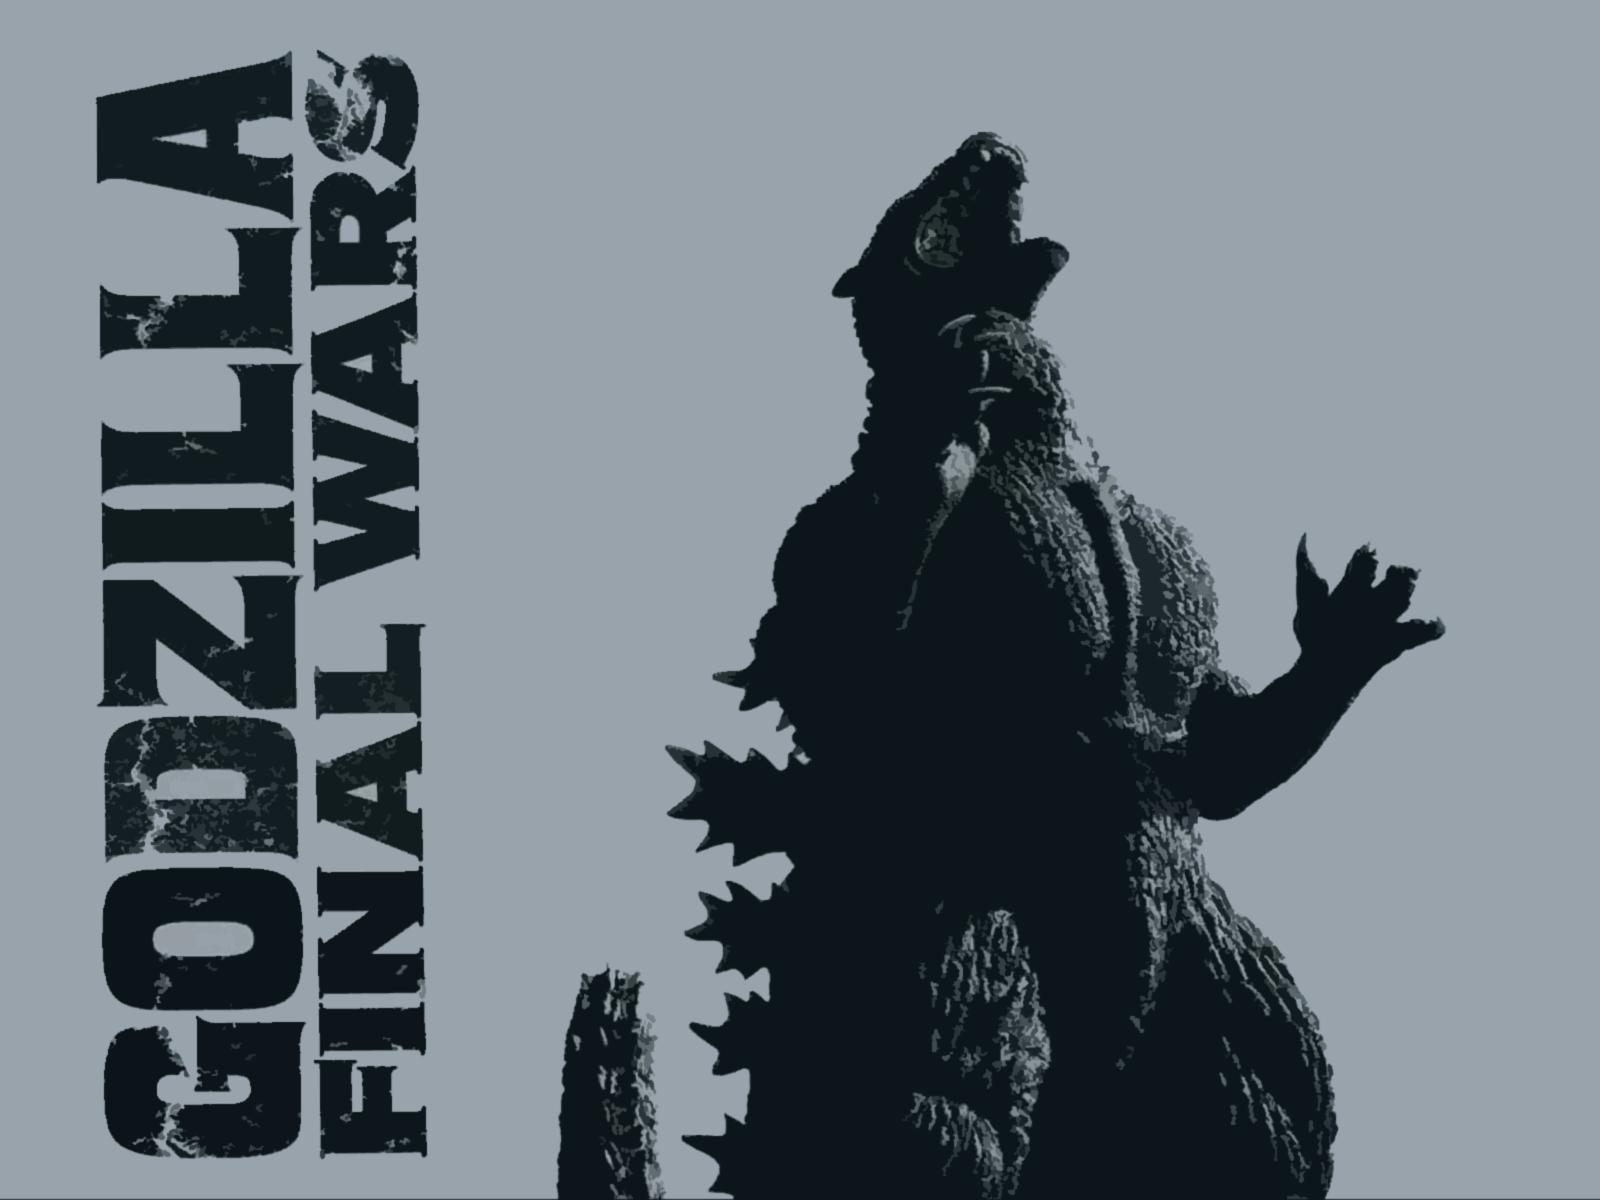 Godzilla Wallpaper 1600x1200 Godzilla 1600x1200